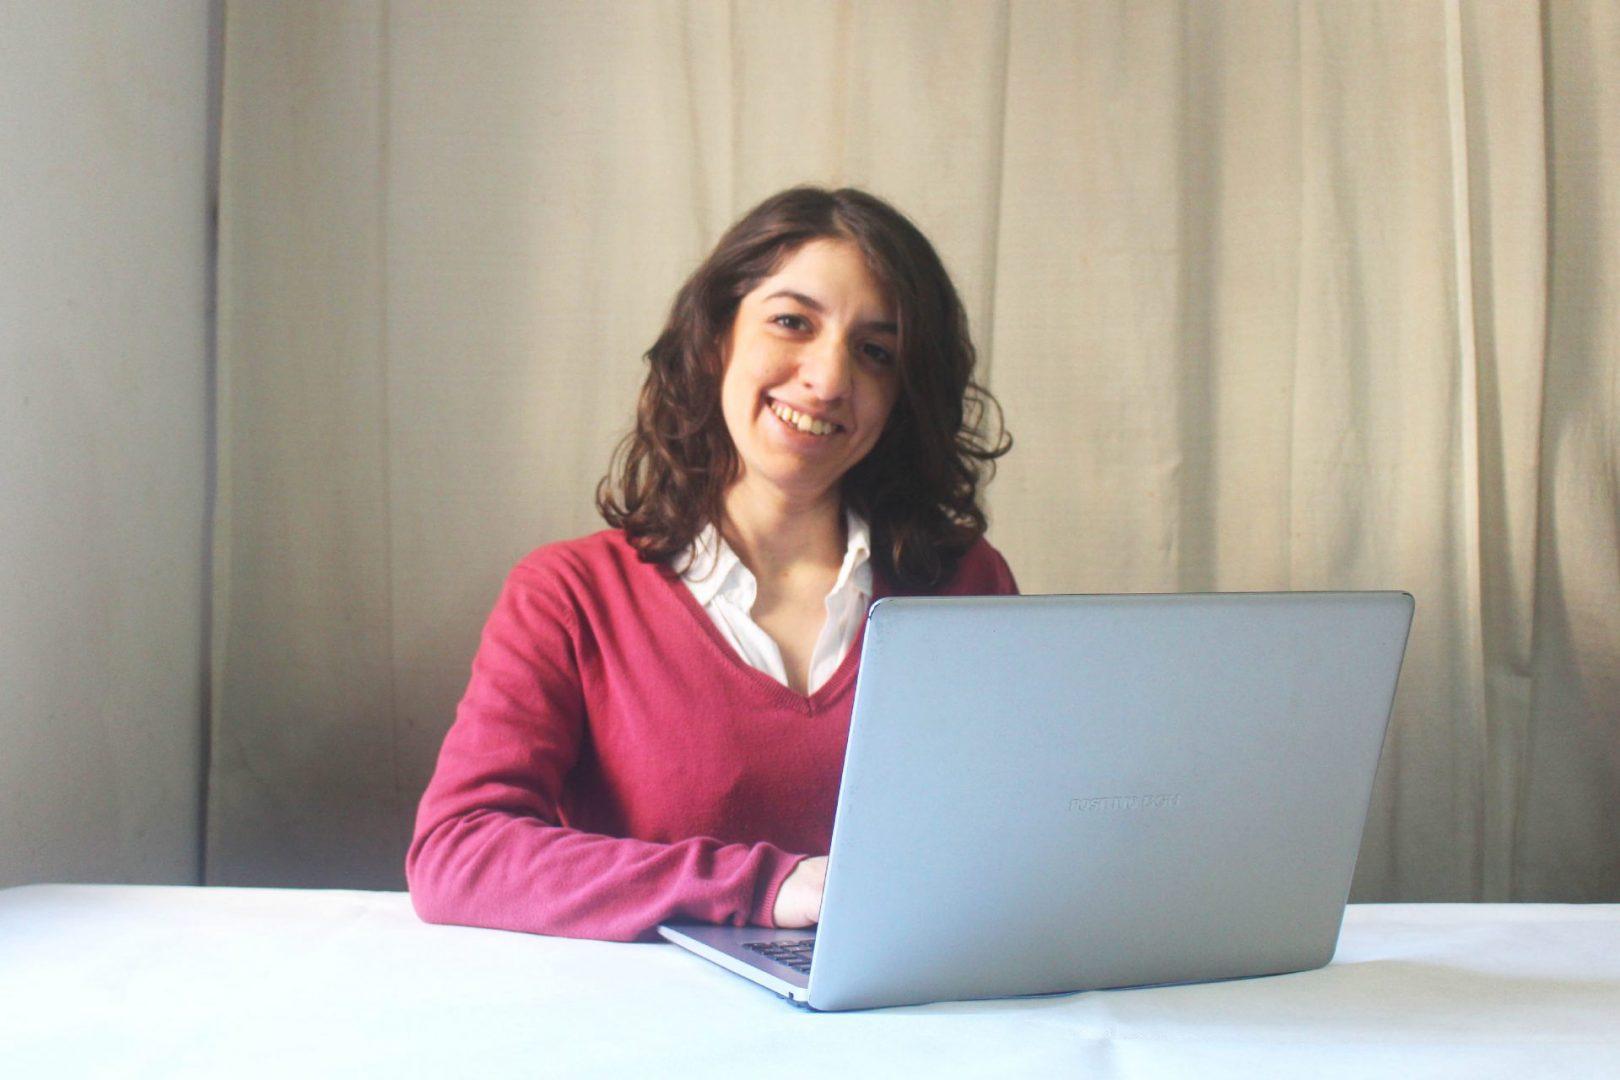 Belén Perotti, de pasante a coordinadora de proyectos en Webdoor